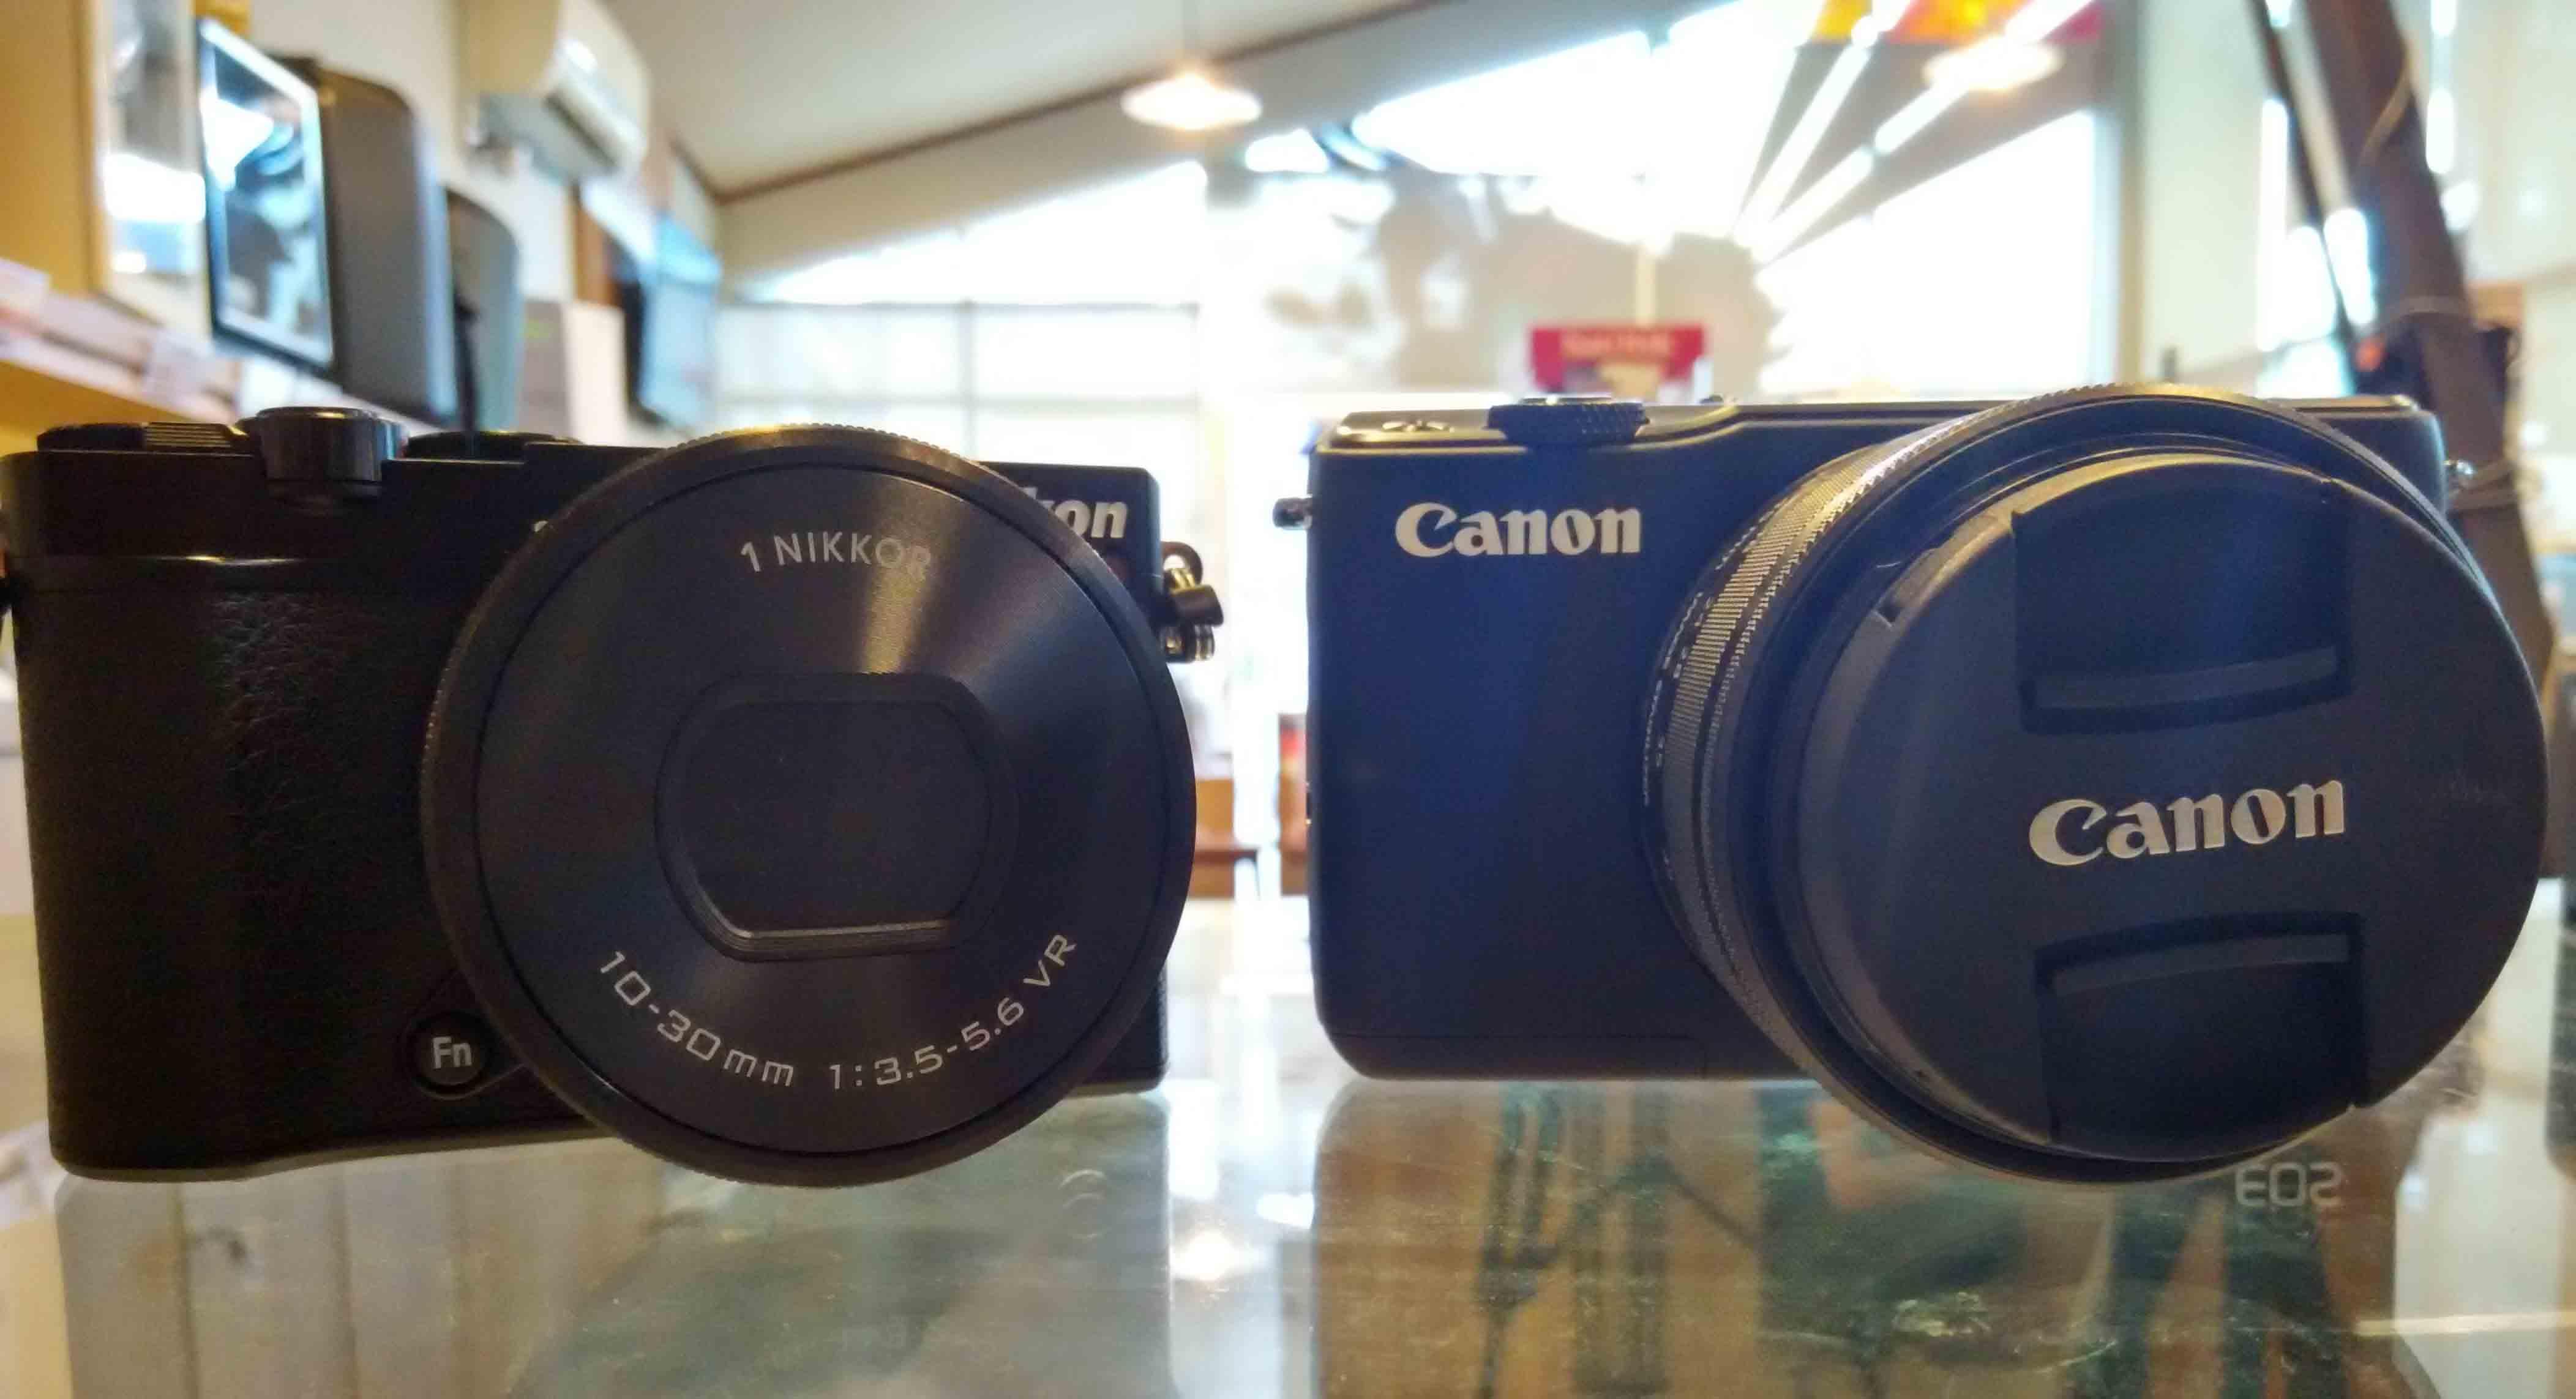 Kamera Vlog, antara Canon M10 atau Nikon 1 J5?